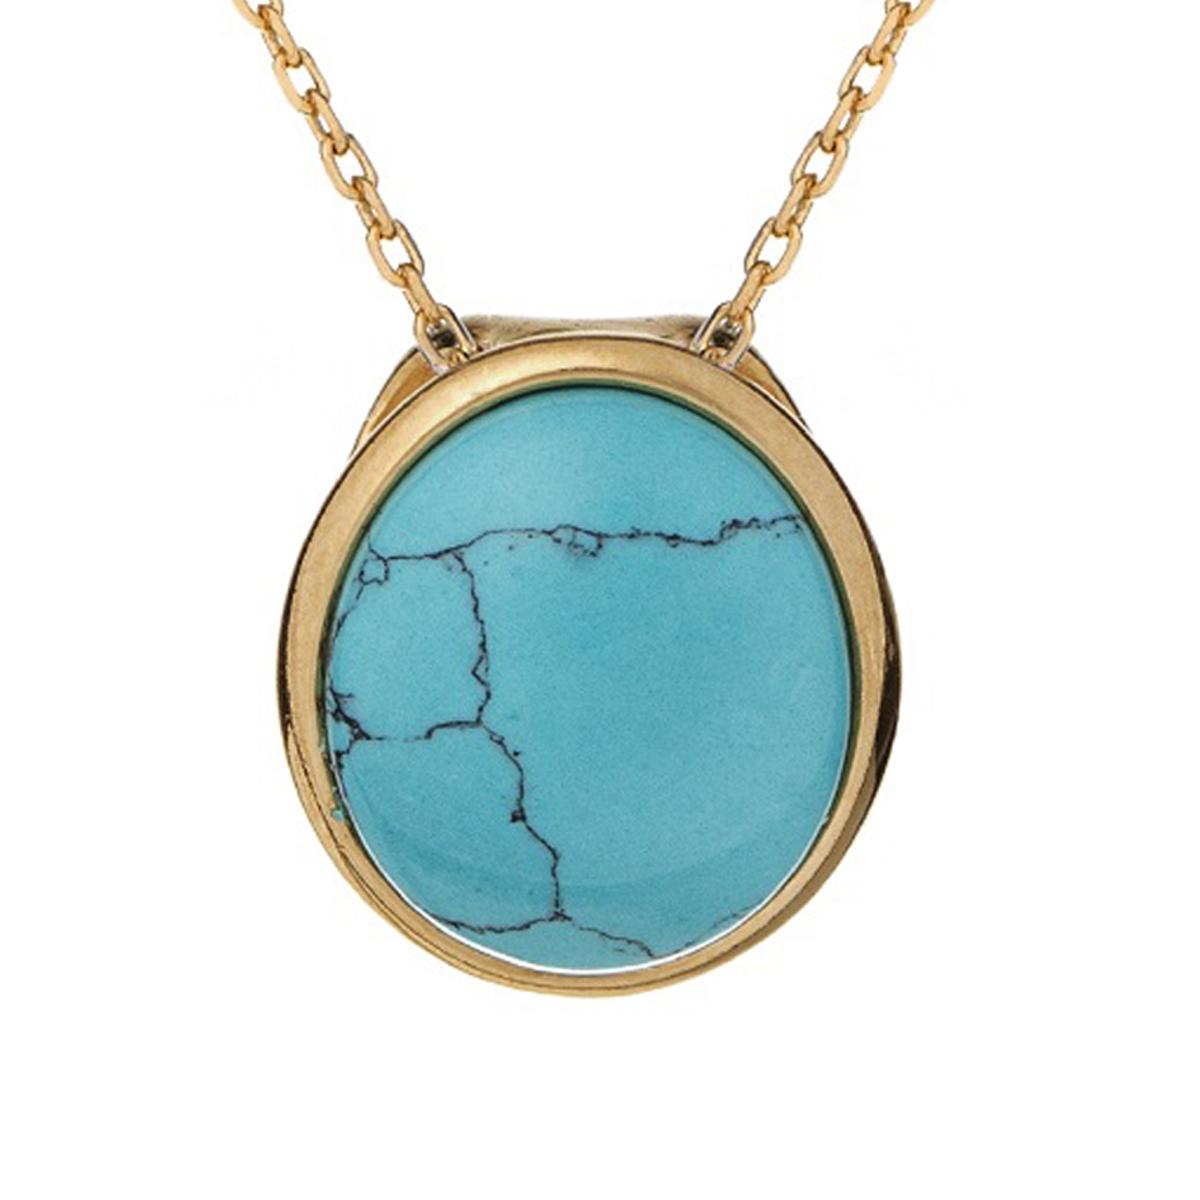 Pendentif Argent artisanal \'Meghan\' turquoise doré - 13x10 mm - [R5608]